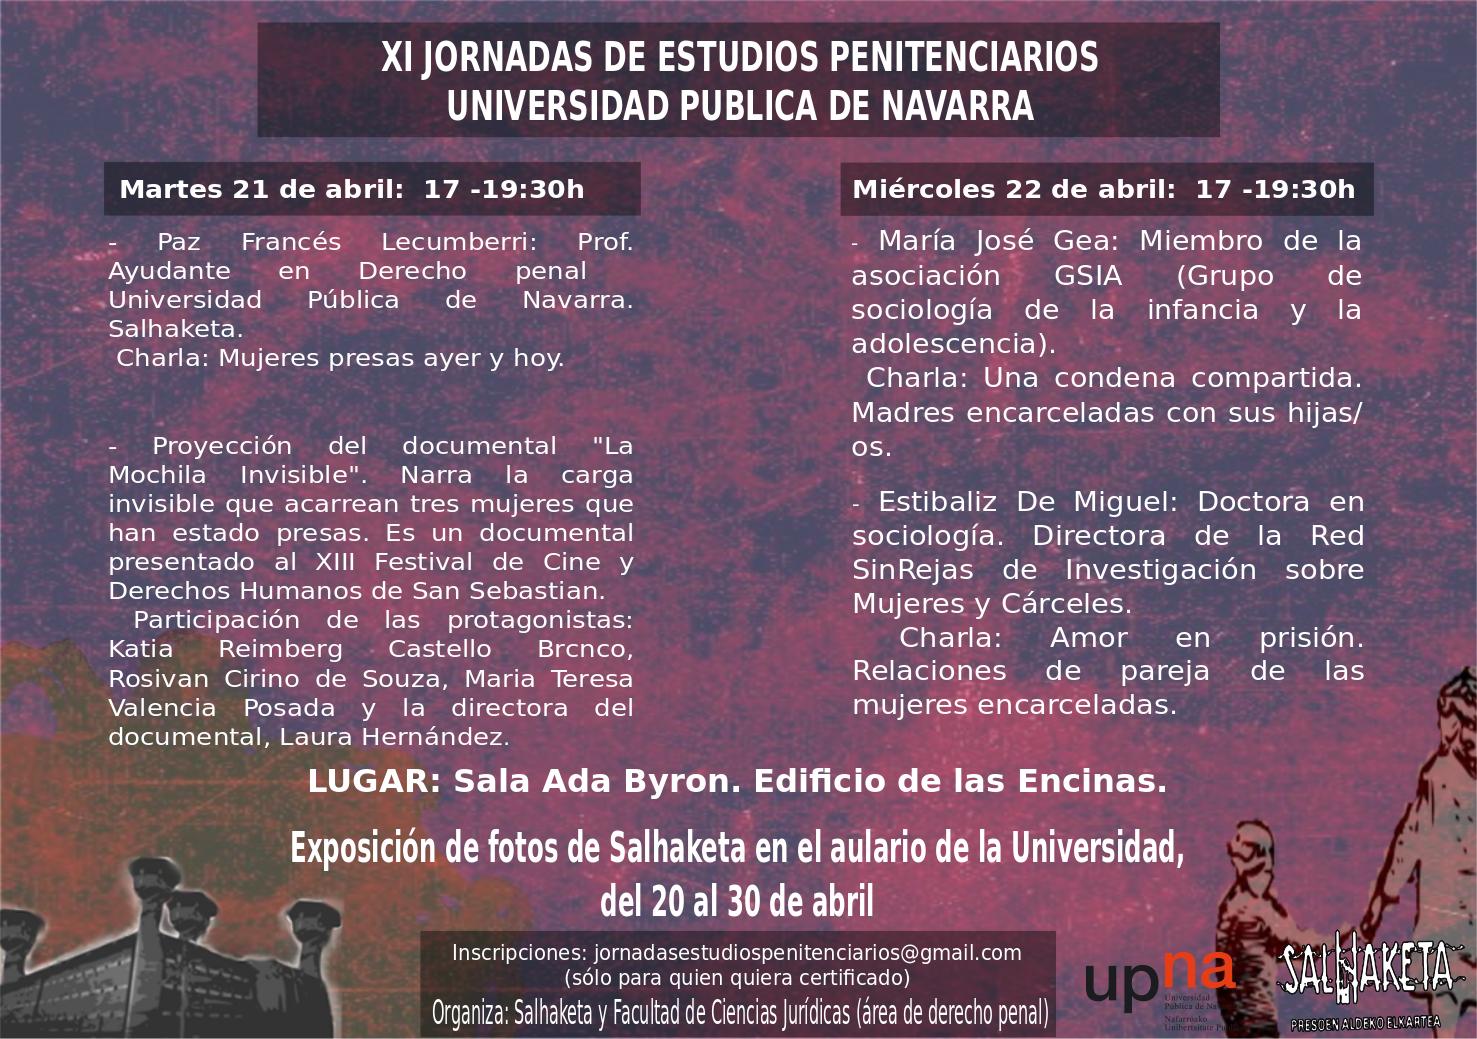 XI Jornadas de Estudios Penitenciarios